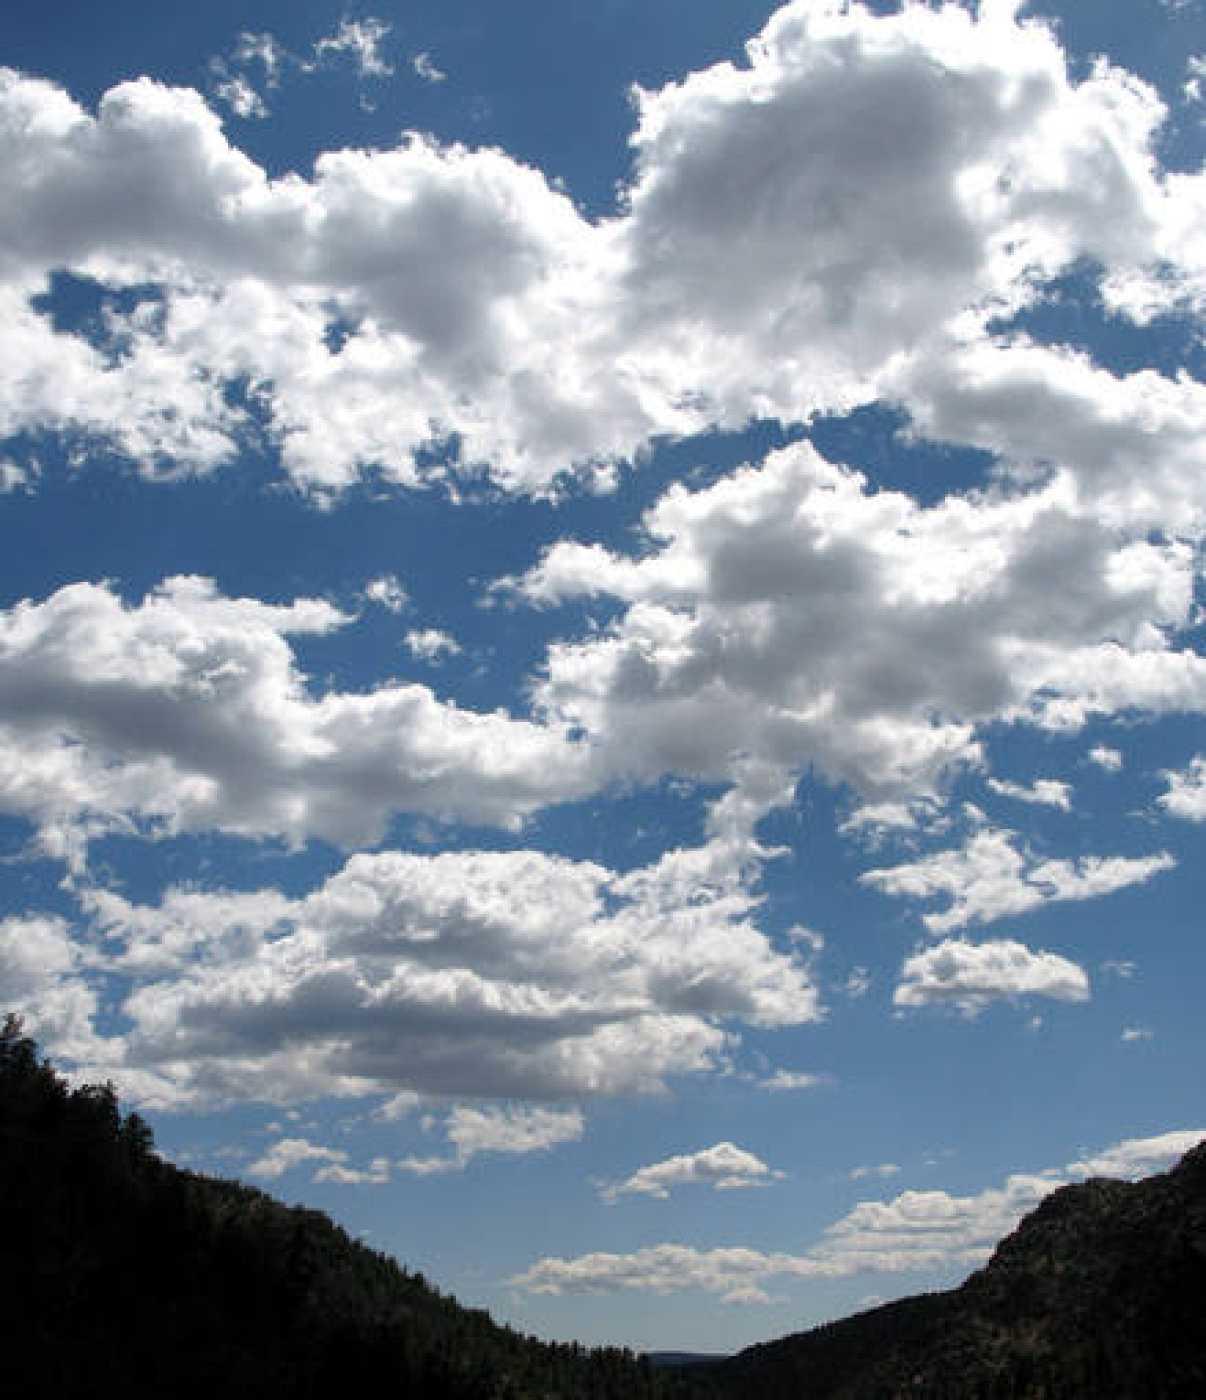 Las nubes están compuestas por agua y por cristales de hielo y lo lógico sería pensar que por la gravedad tendrían que caer al suelo.